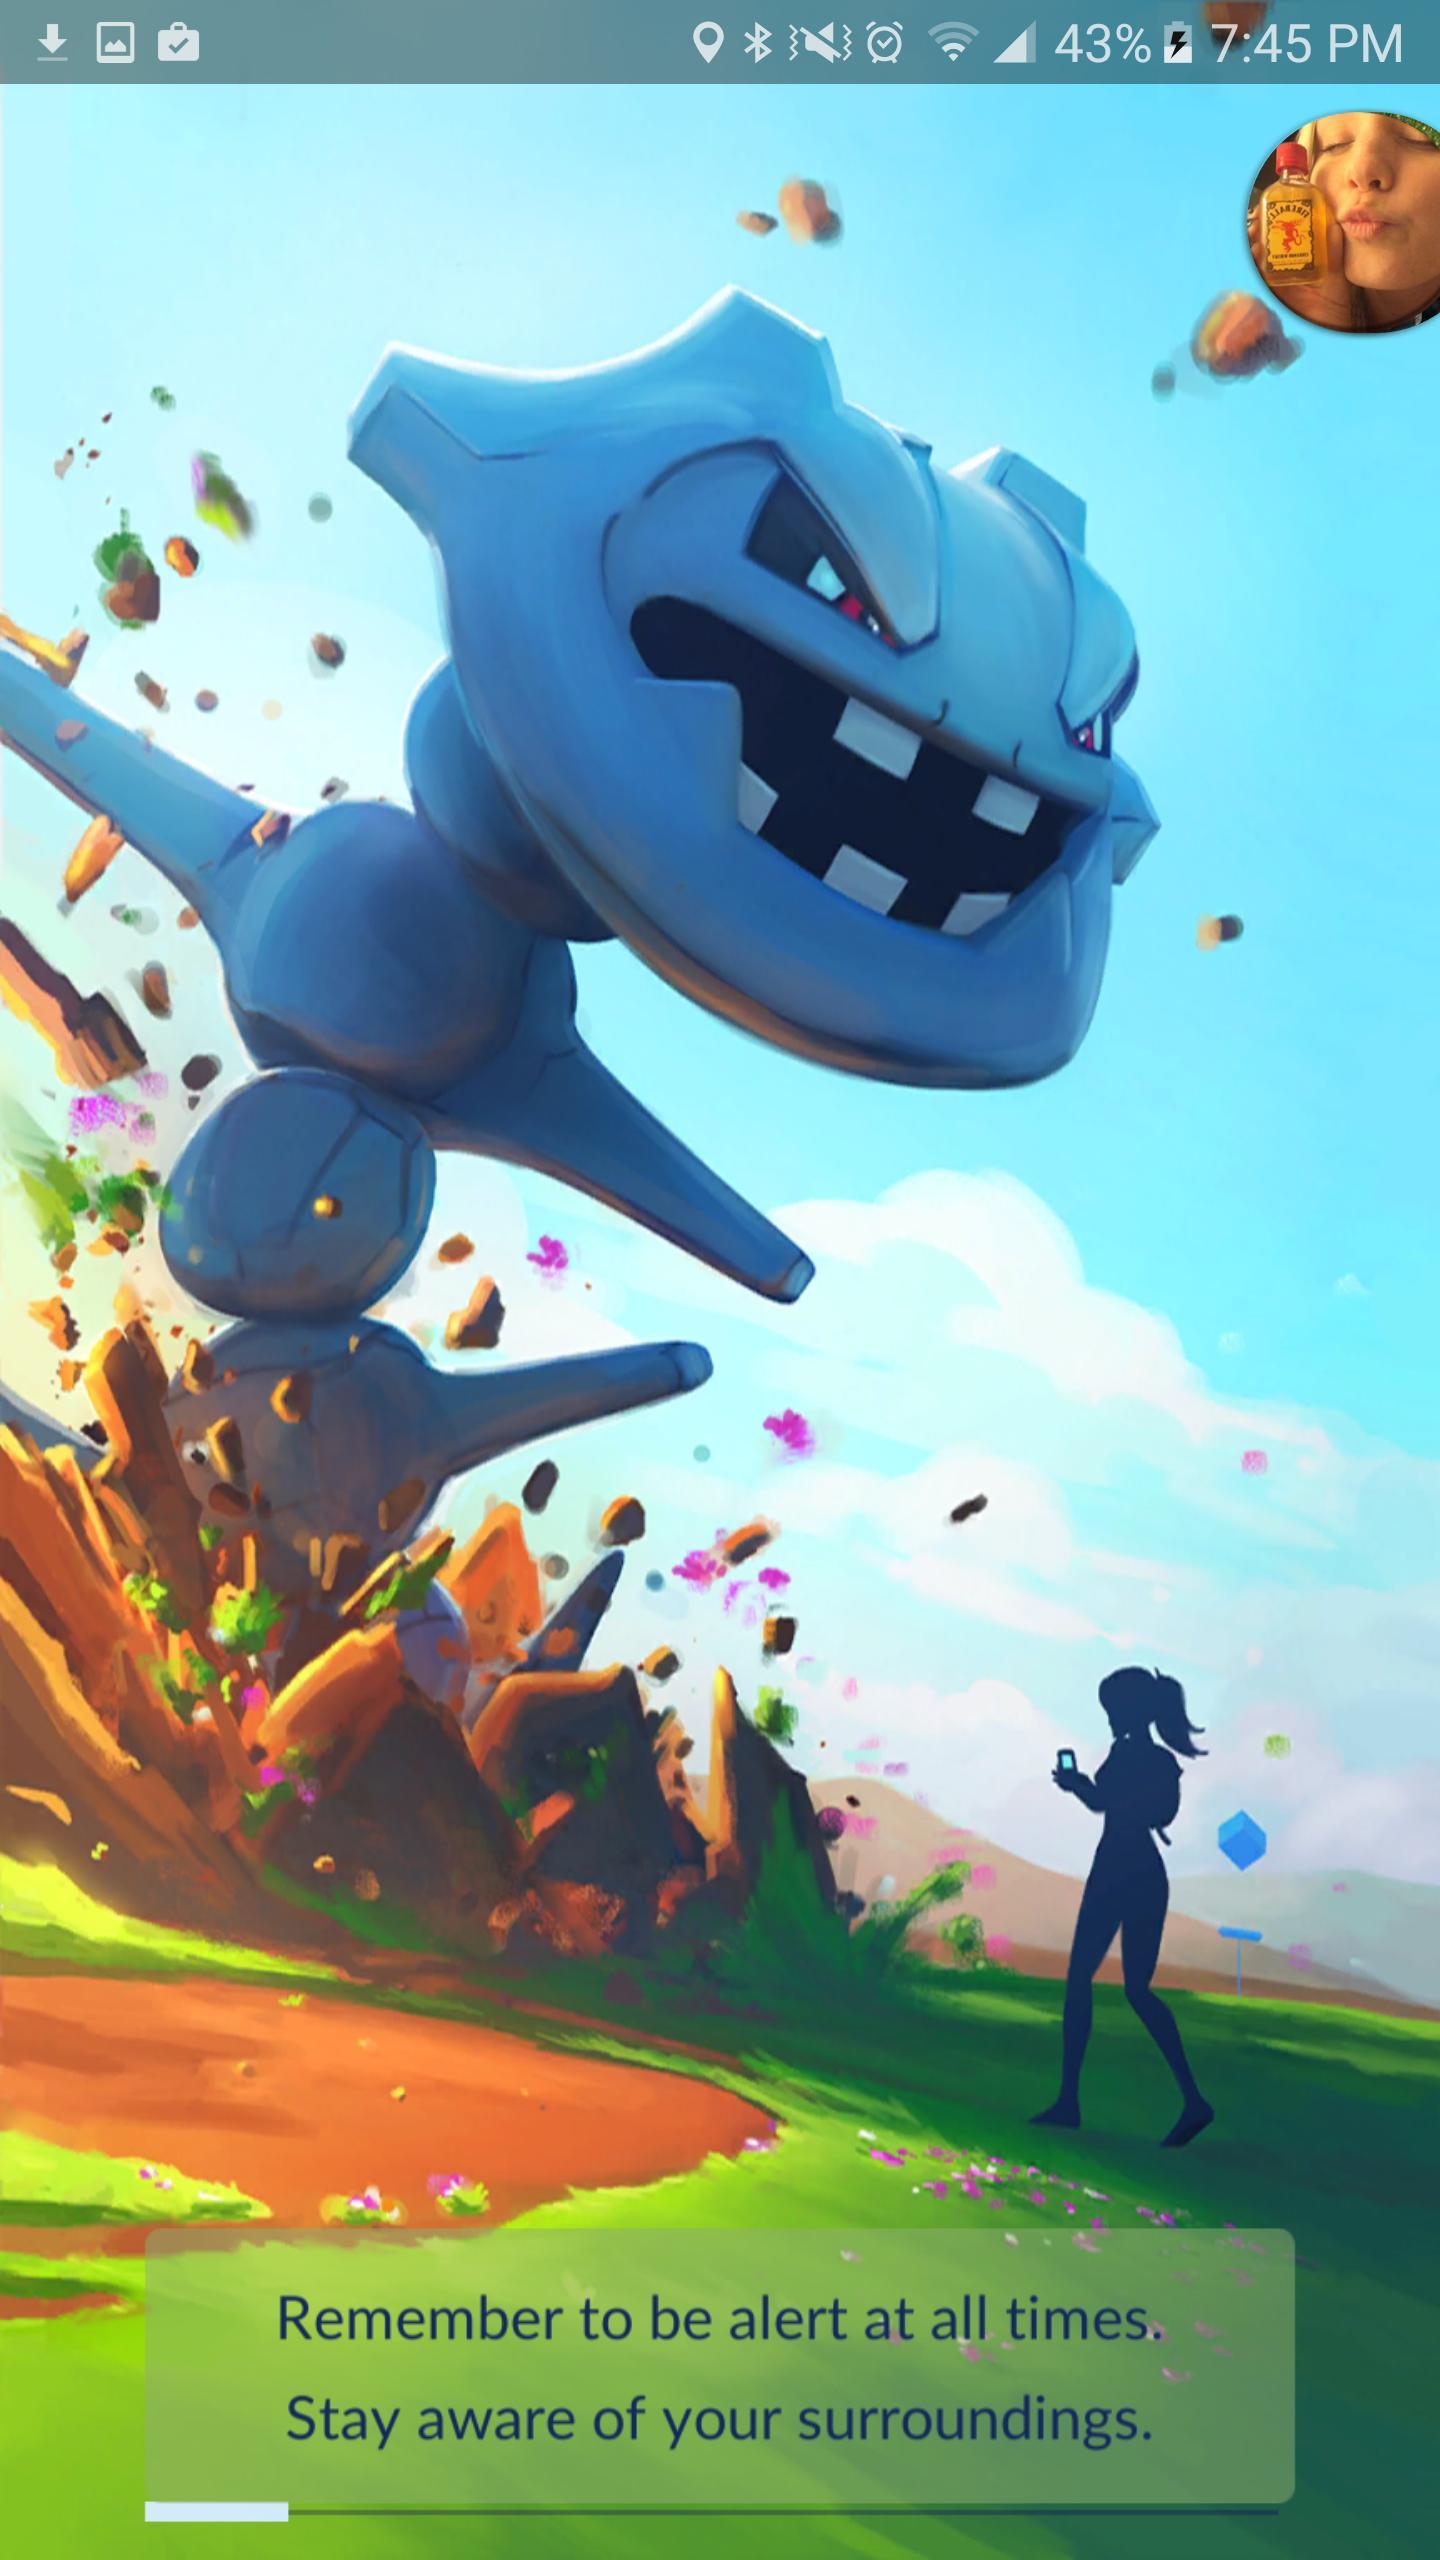 pokemon go reddit - photo #11